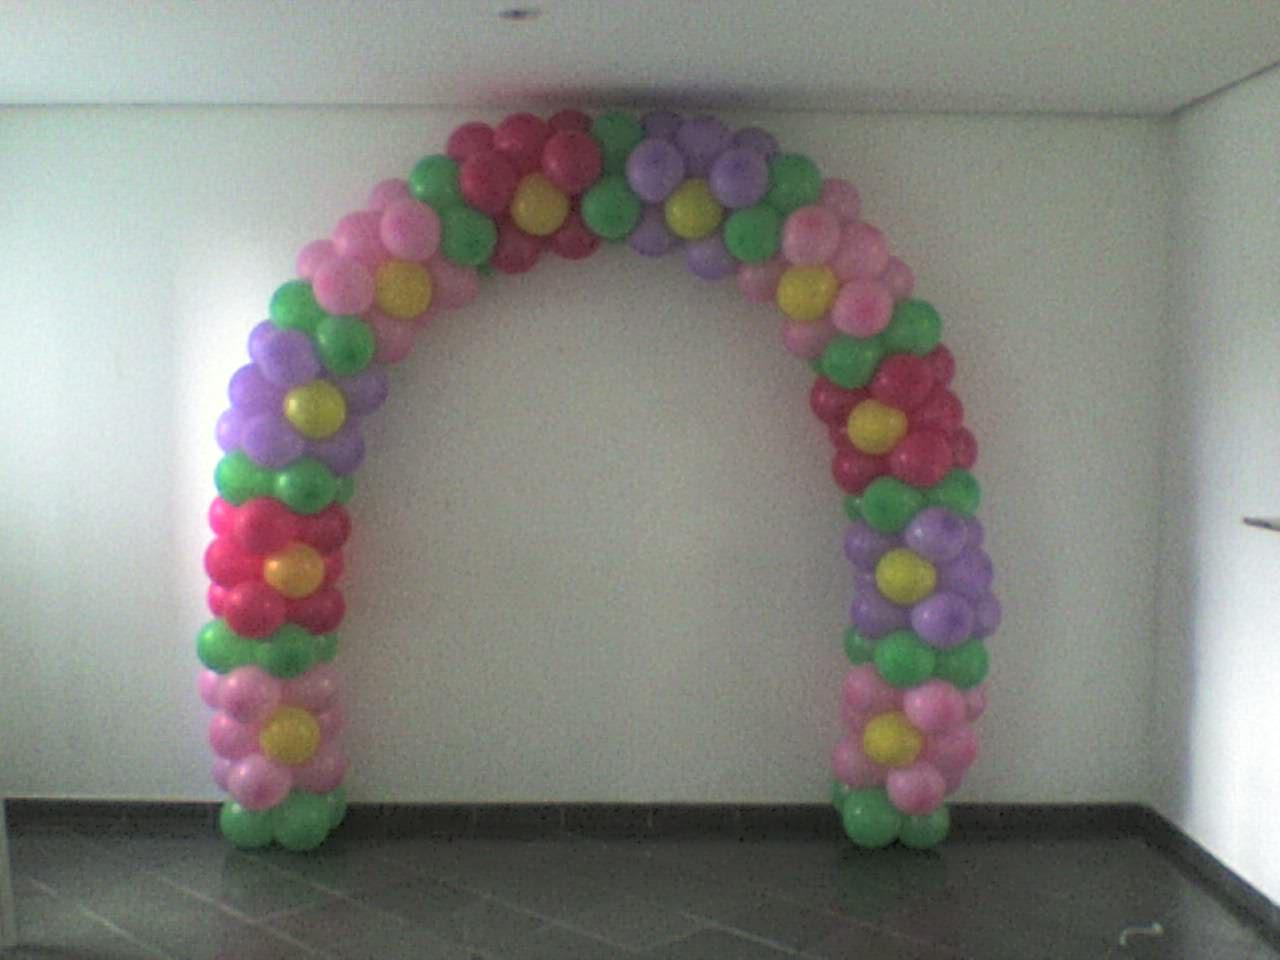 Arco De Baloes Alem De Bonito Ele Alegra A Festa Podendo Serem